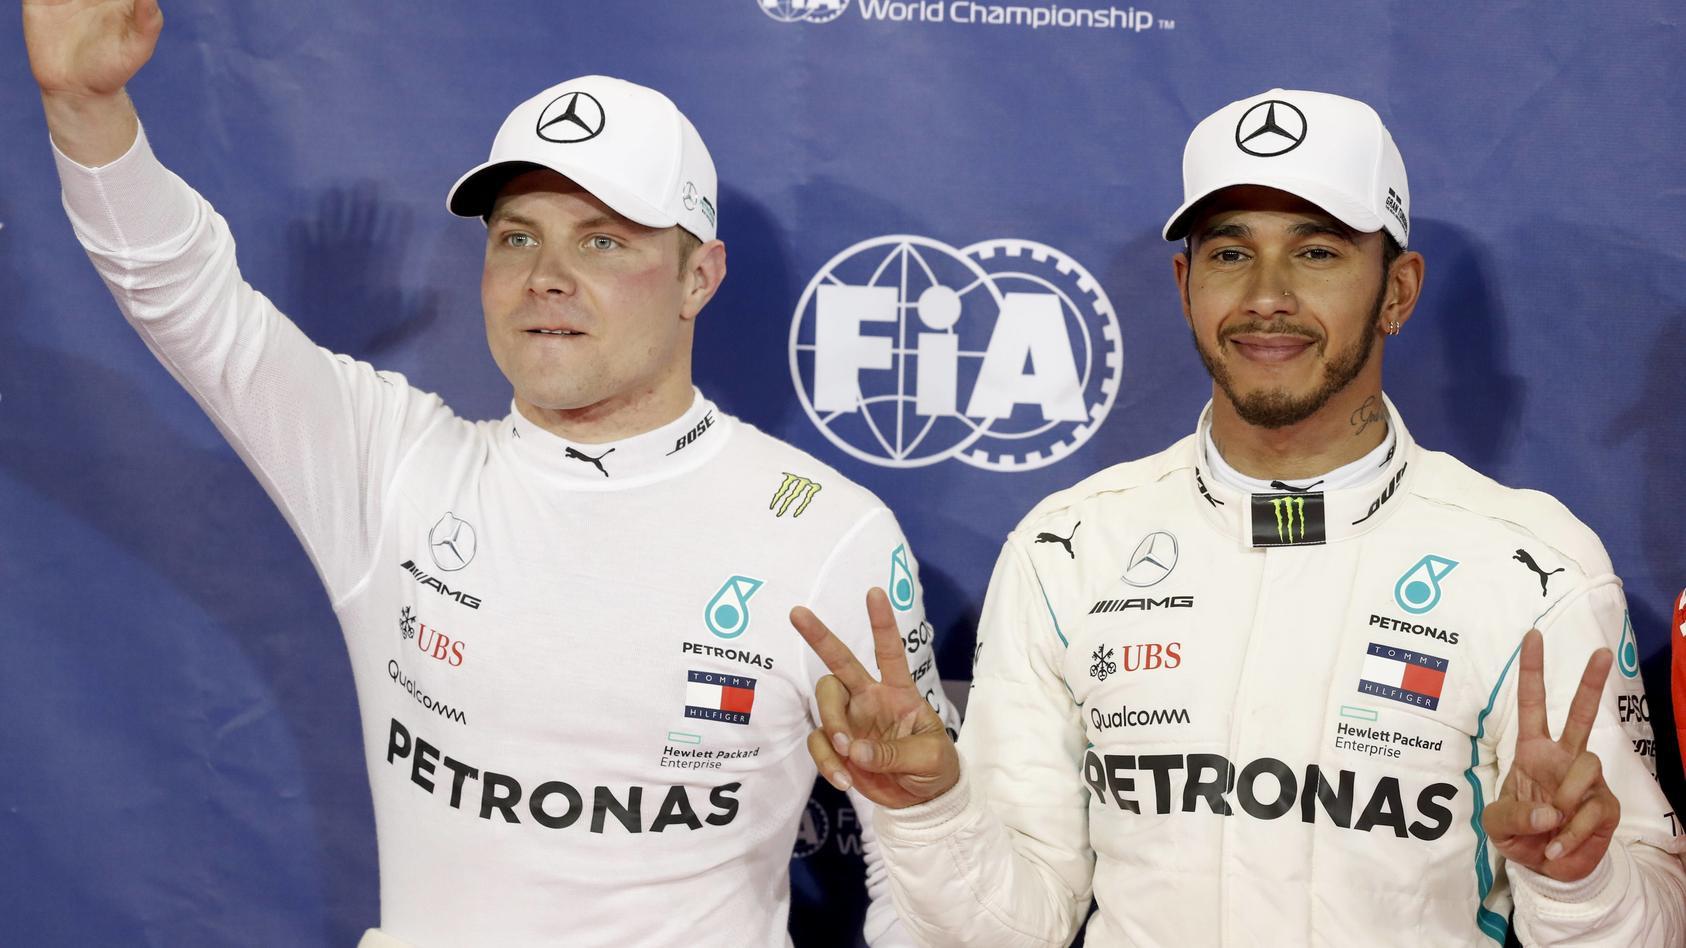 Fünf Doppel-Poles in Serie auf einer Strecke - das hat vor Mercedes noch kein anders Team geschafft